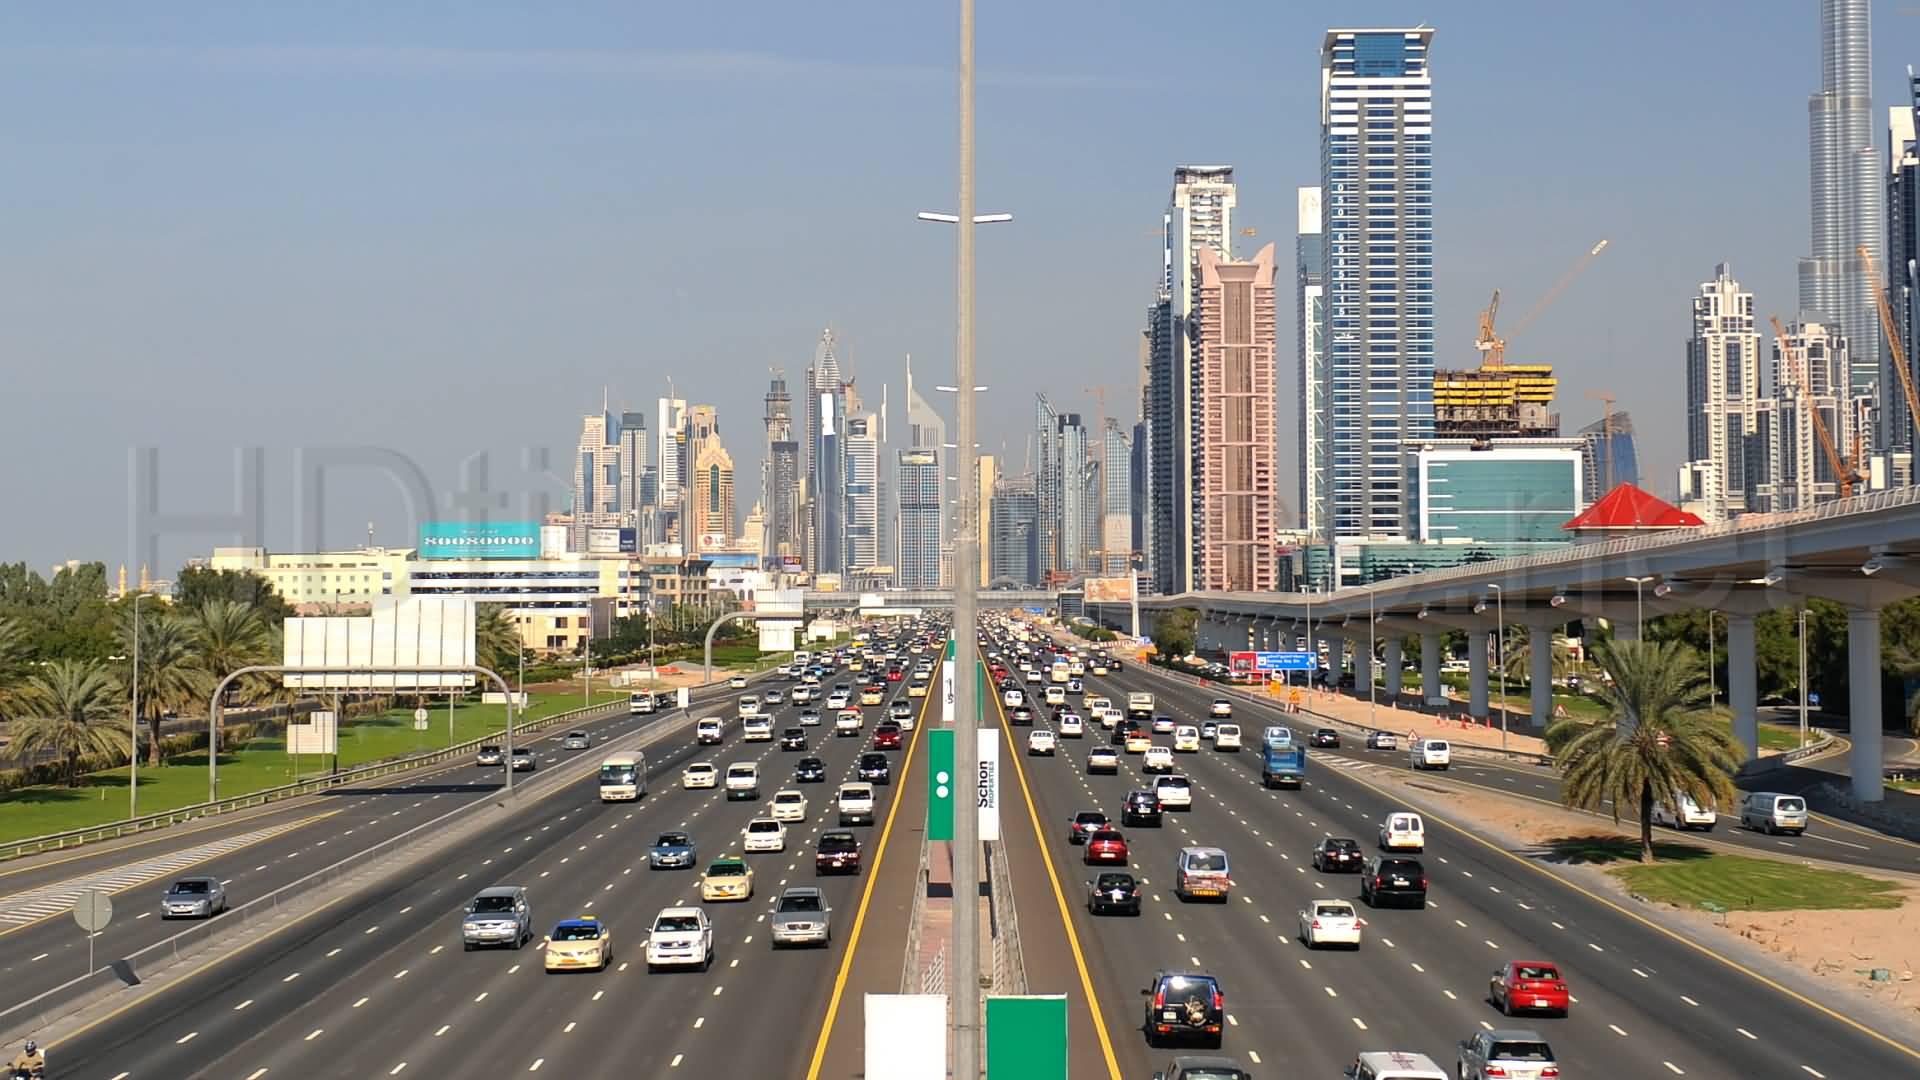 أكثر 5 شوارع في دبي تحدث فيها حوادث السير بكثرة